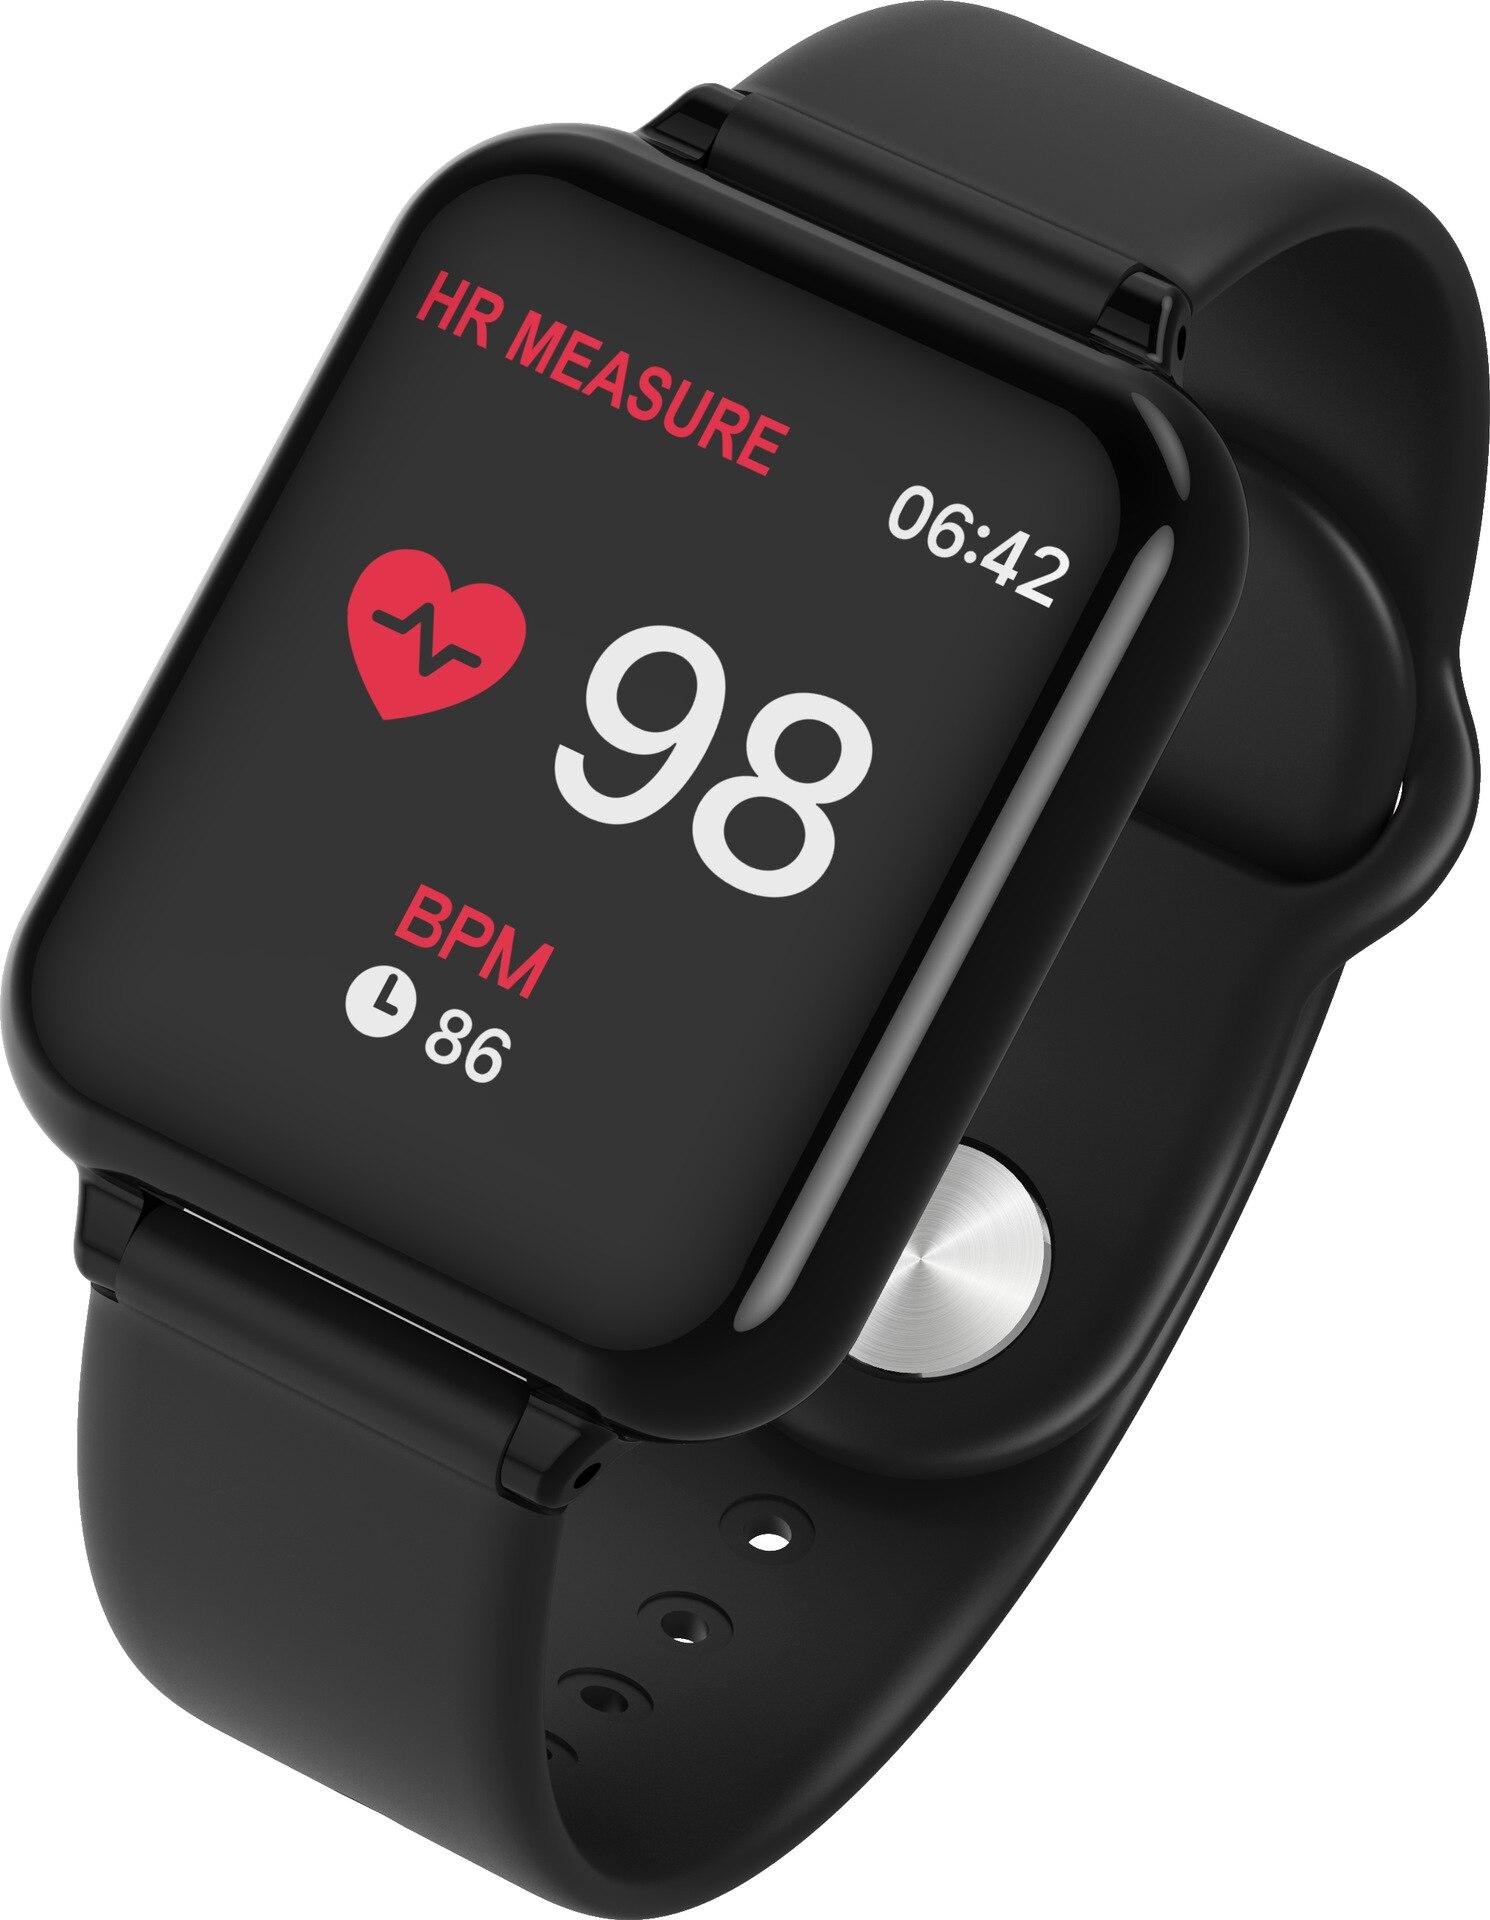 smart watch 2020  xiaomi  apple watch 5  huawei  watch men curren  xiaomi phone  smart watch men  apple watches  iwatch  huawei